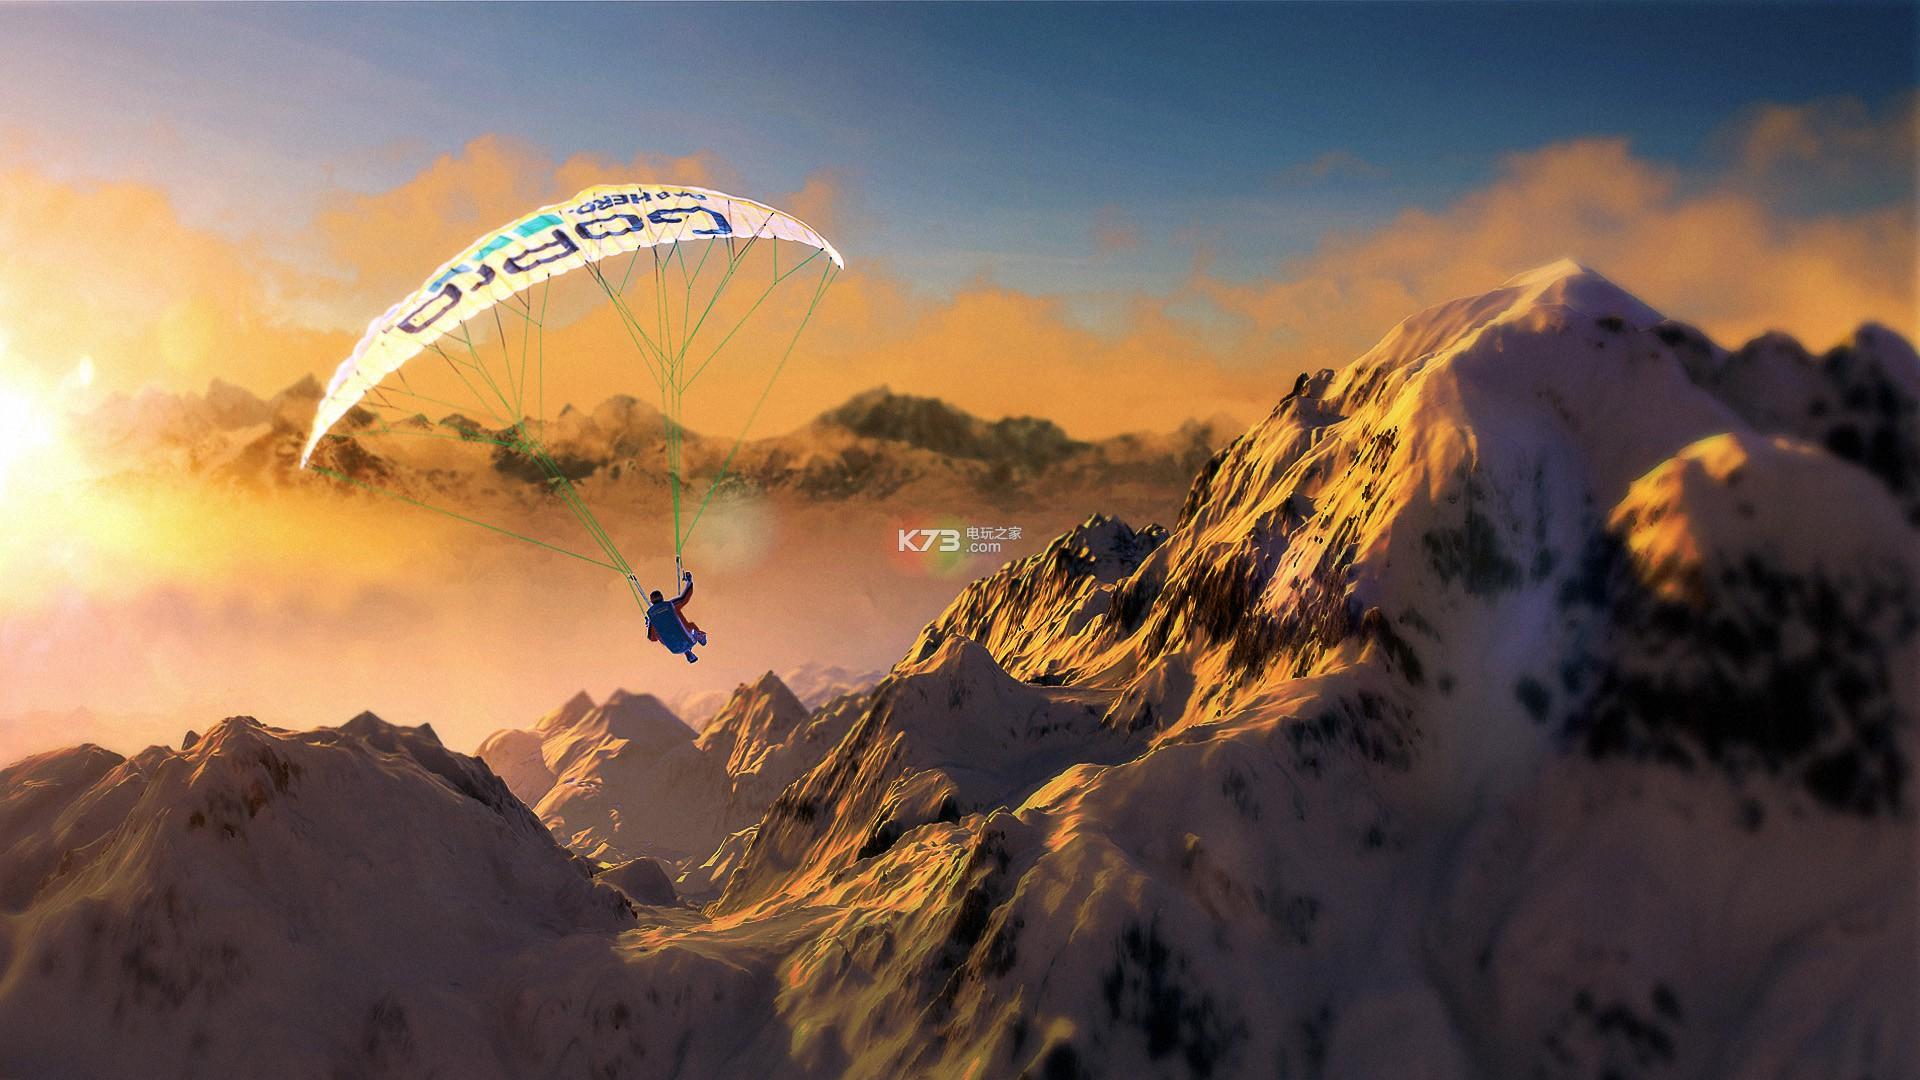 《极限巅峰(Steep)》是Ubisoft制作发行的一款极限运动类游戏作品,本作中玩家将体验在雪地场景中进行各种极限运动游戏体验,享受各种危险而刺激的体育项目,体验不一样的人生乐趣。游戏支持自定义装扮打造个性角色,通过回放来看运动各种数据和细节,还支持和好友联机竞技游戏,享受极限运动的乐趣。 由于xbox one主机尚未完全破解(xbox one最新破解动态),本站暂时只提供游戏相关资料。